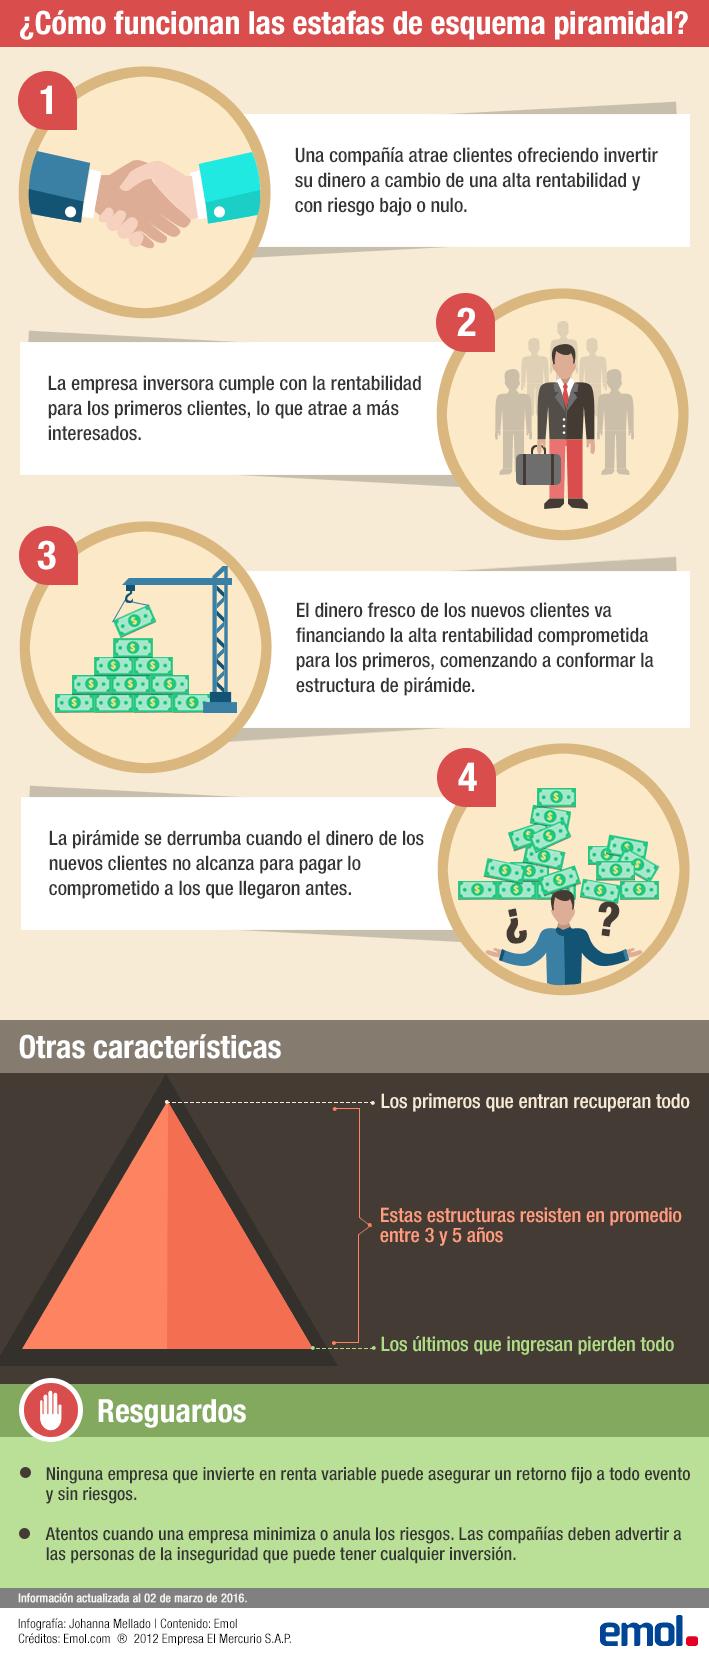 Cómo funcionan las estafas piramidales